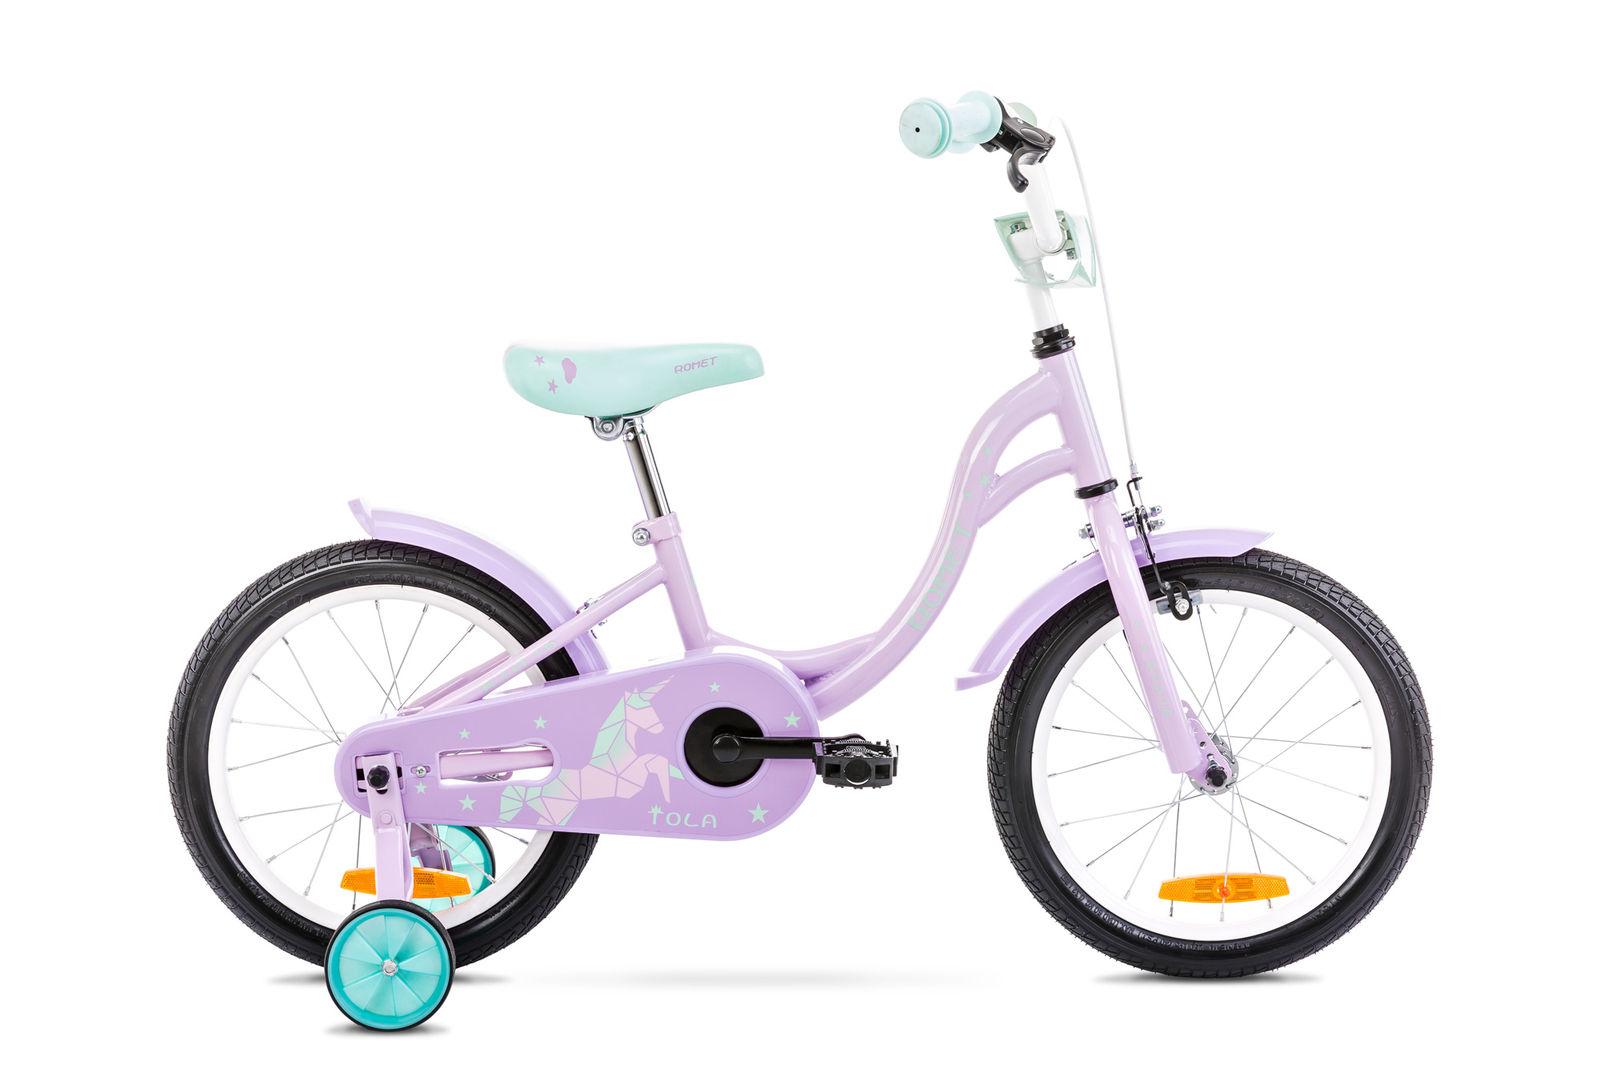 Bicicleta pentru copii Romet Tola 16 S/9 Roz/Turcoaz 2021 imagine